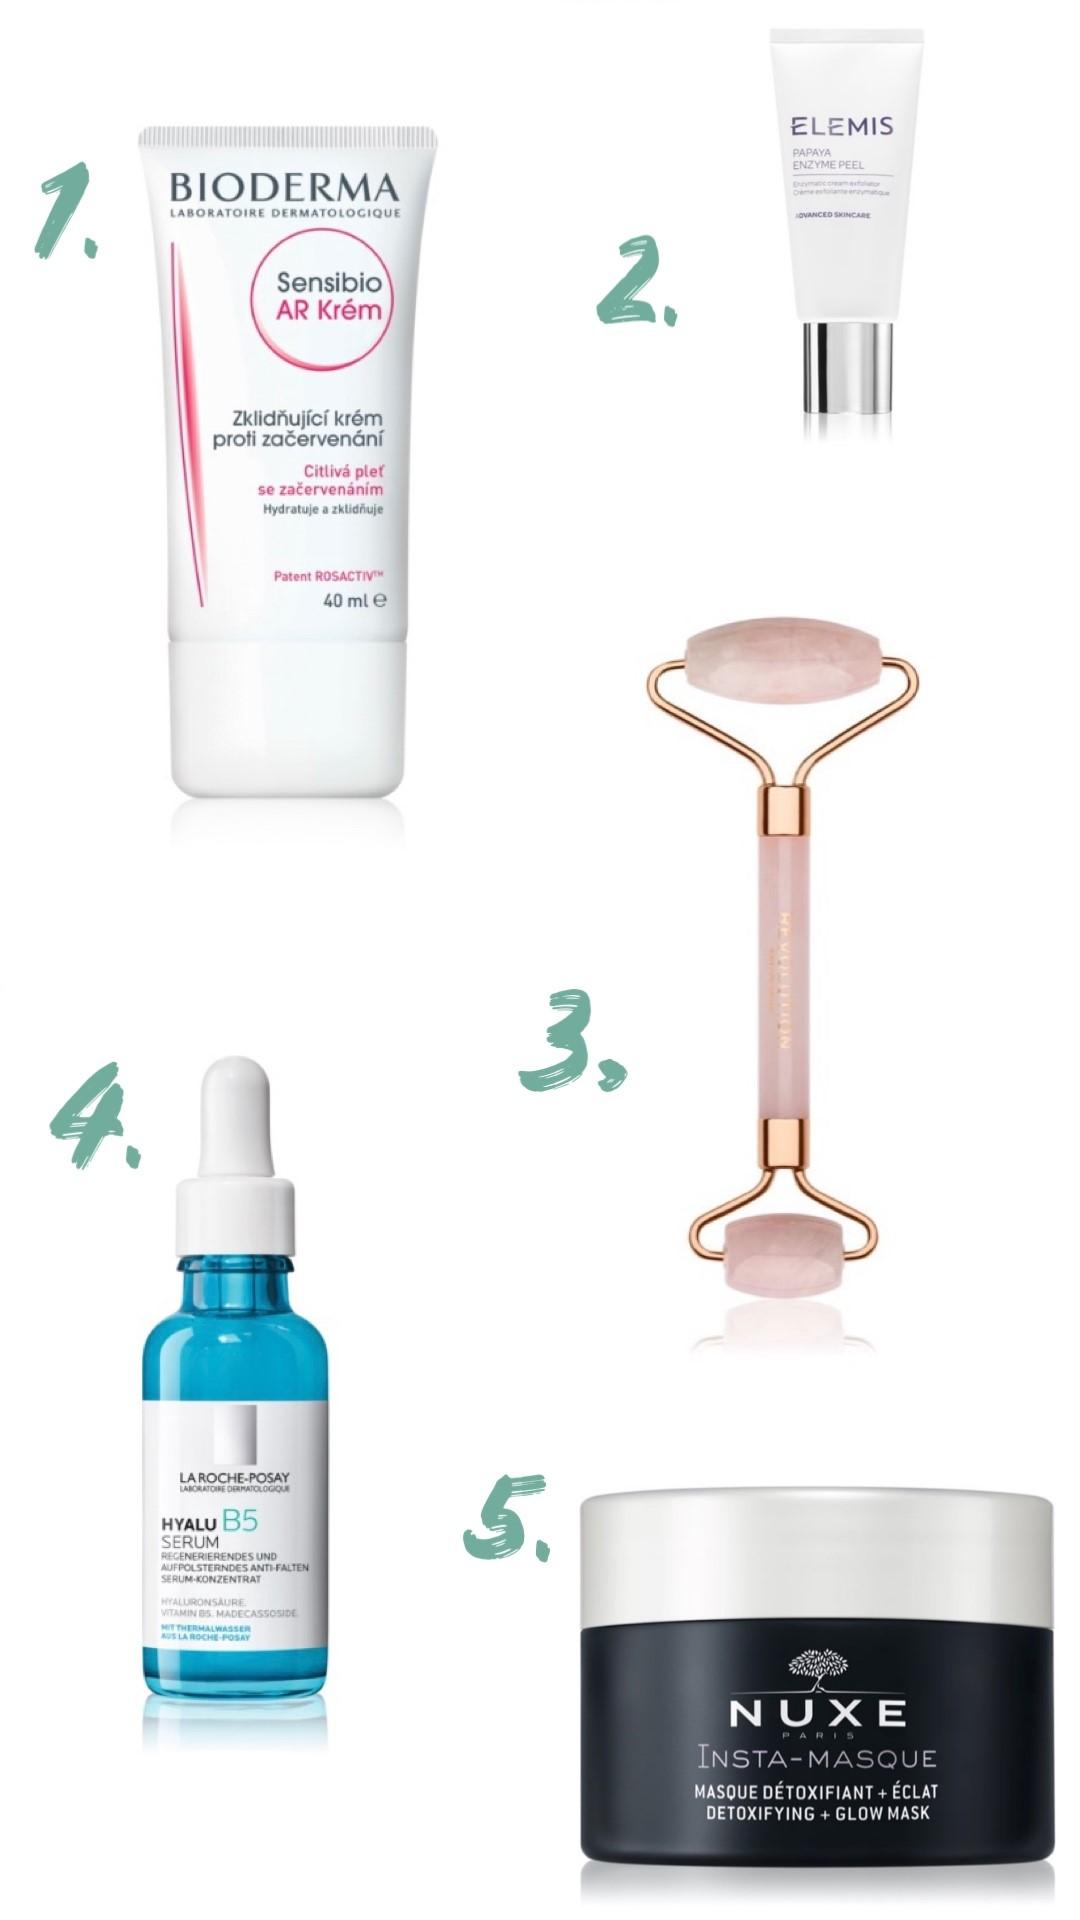 cinque prodotti per proteggere la pelle dal freddo